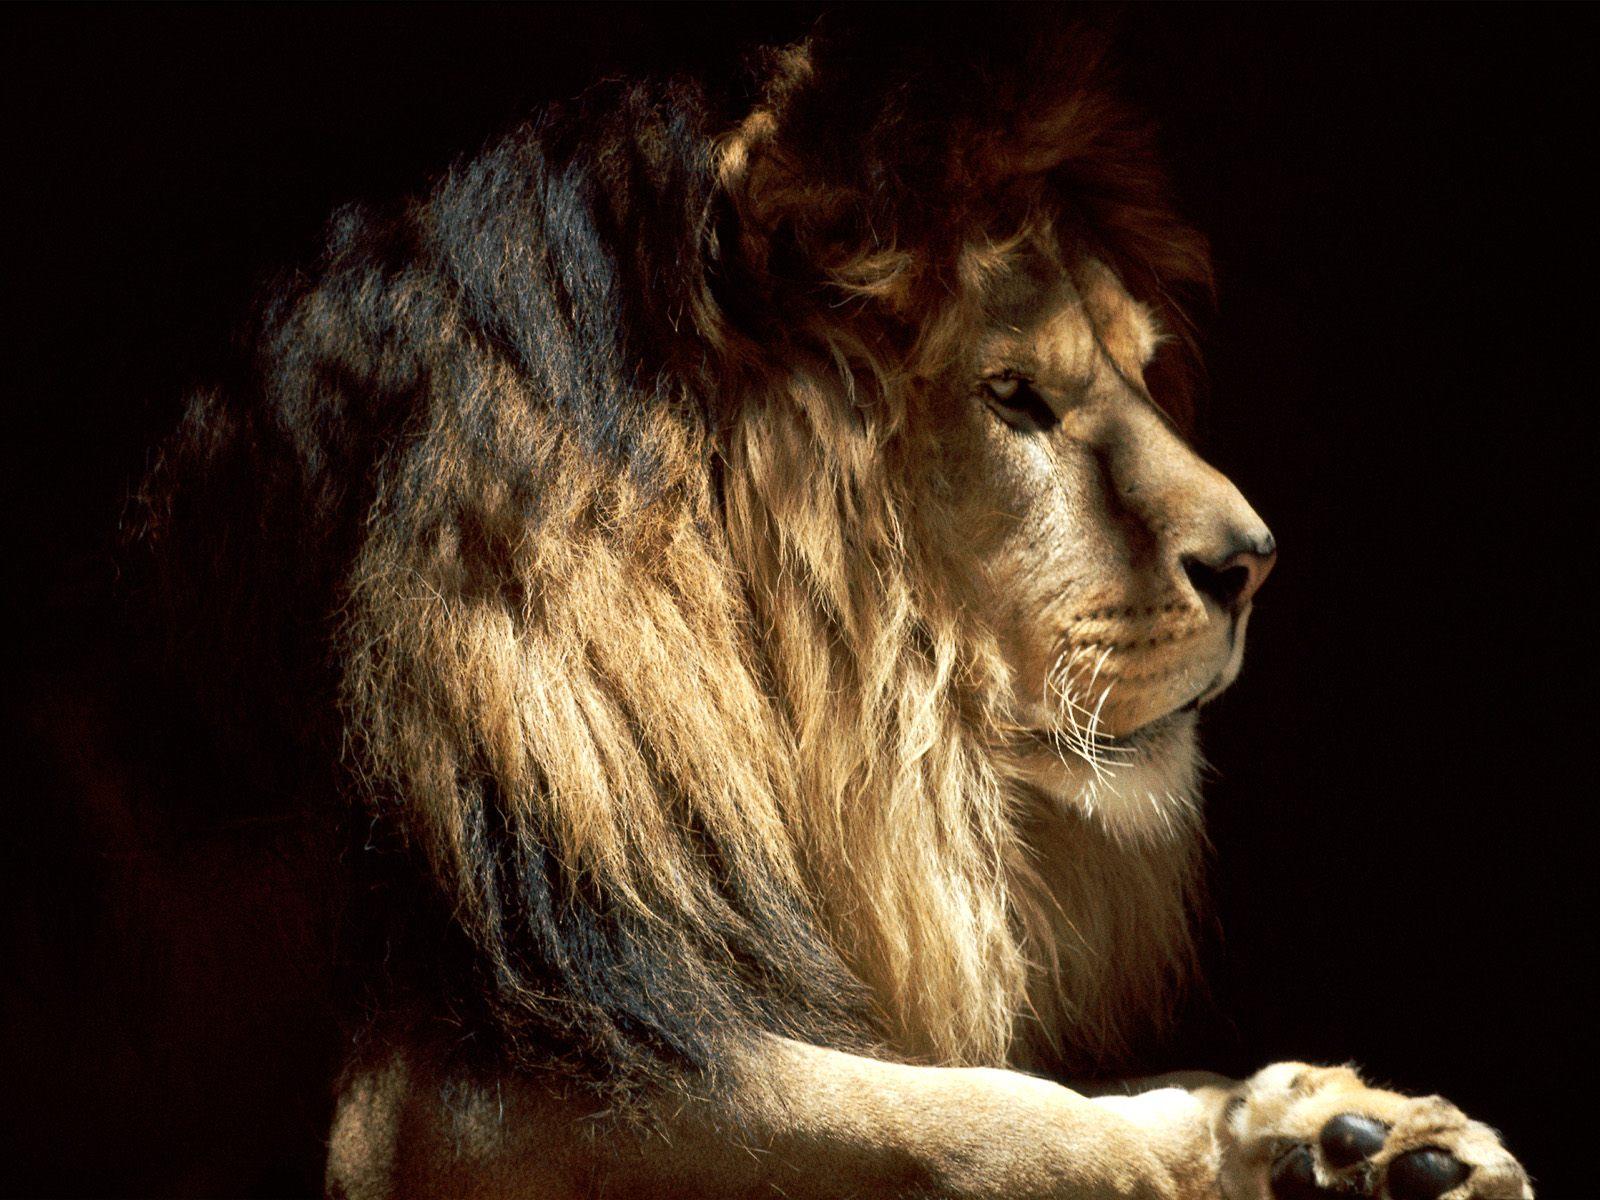 leon en la oscuridad leon tapandose el rostro papa leon con su hijo 1600x1200